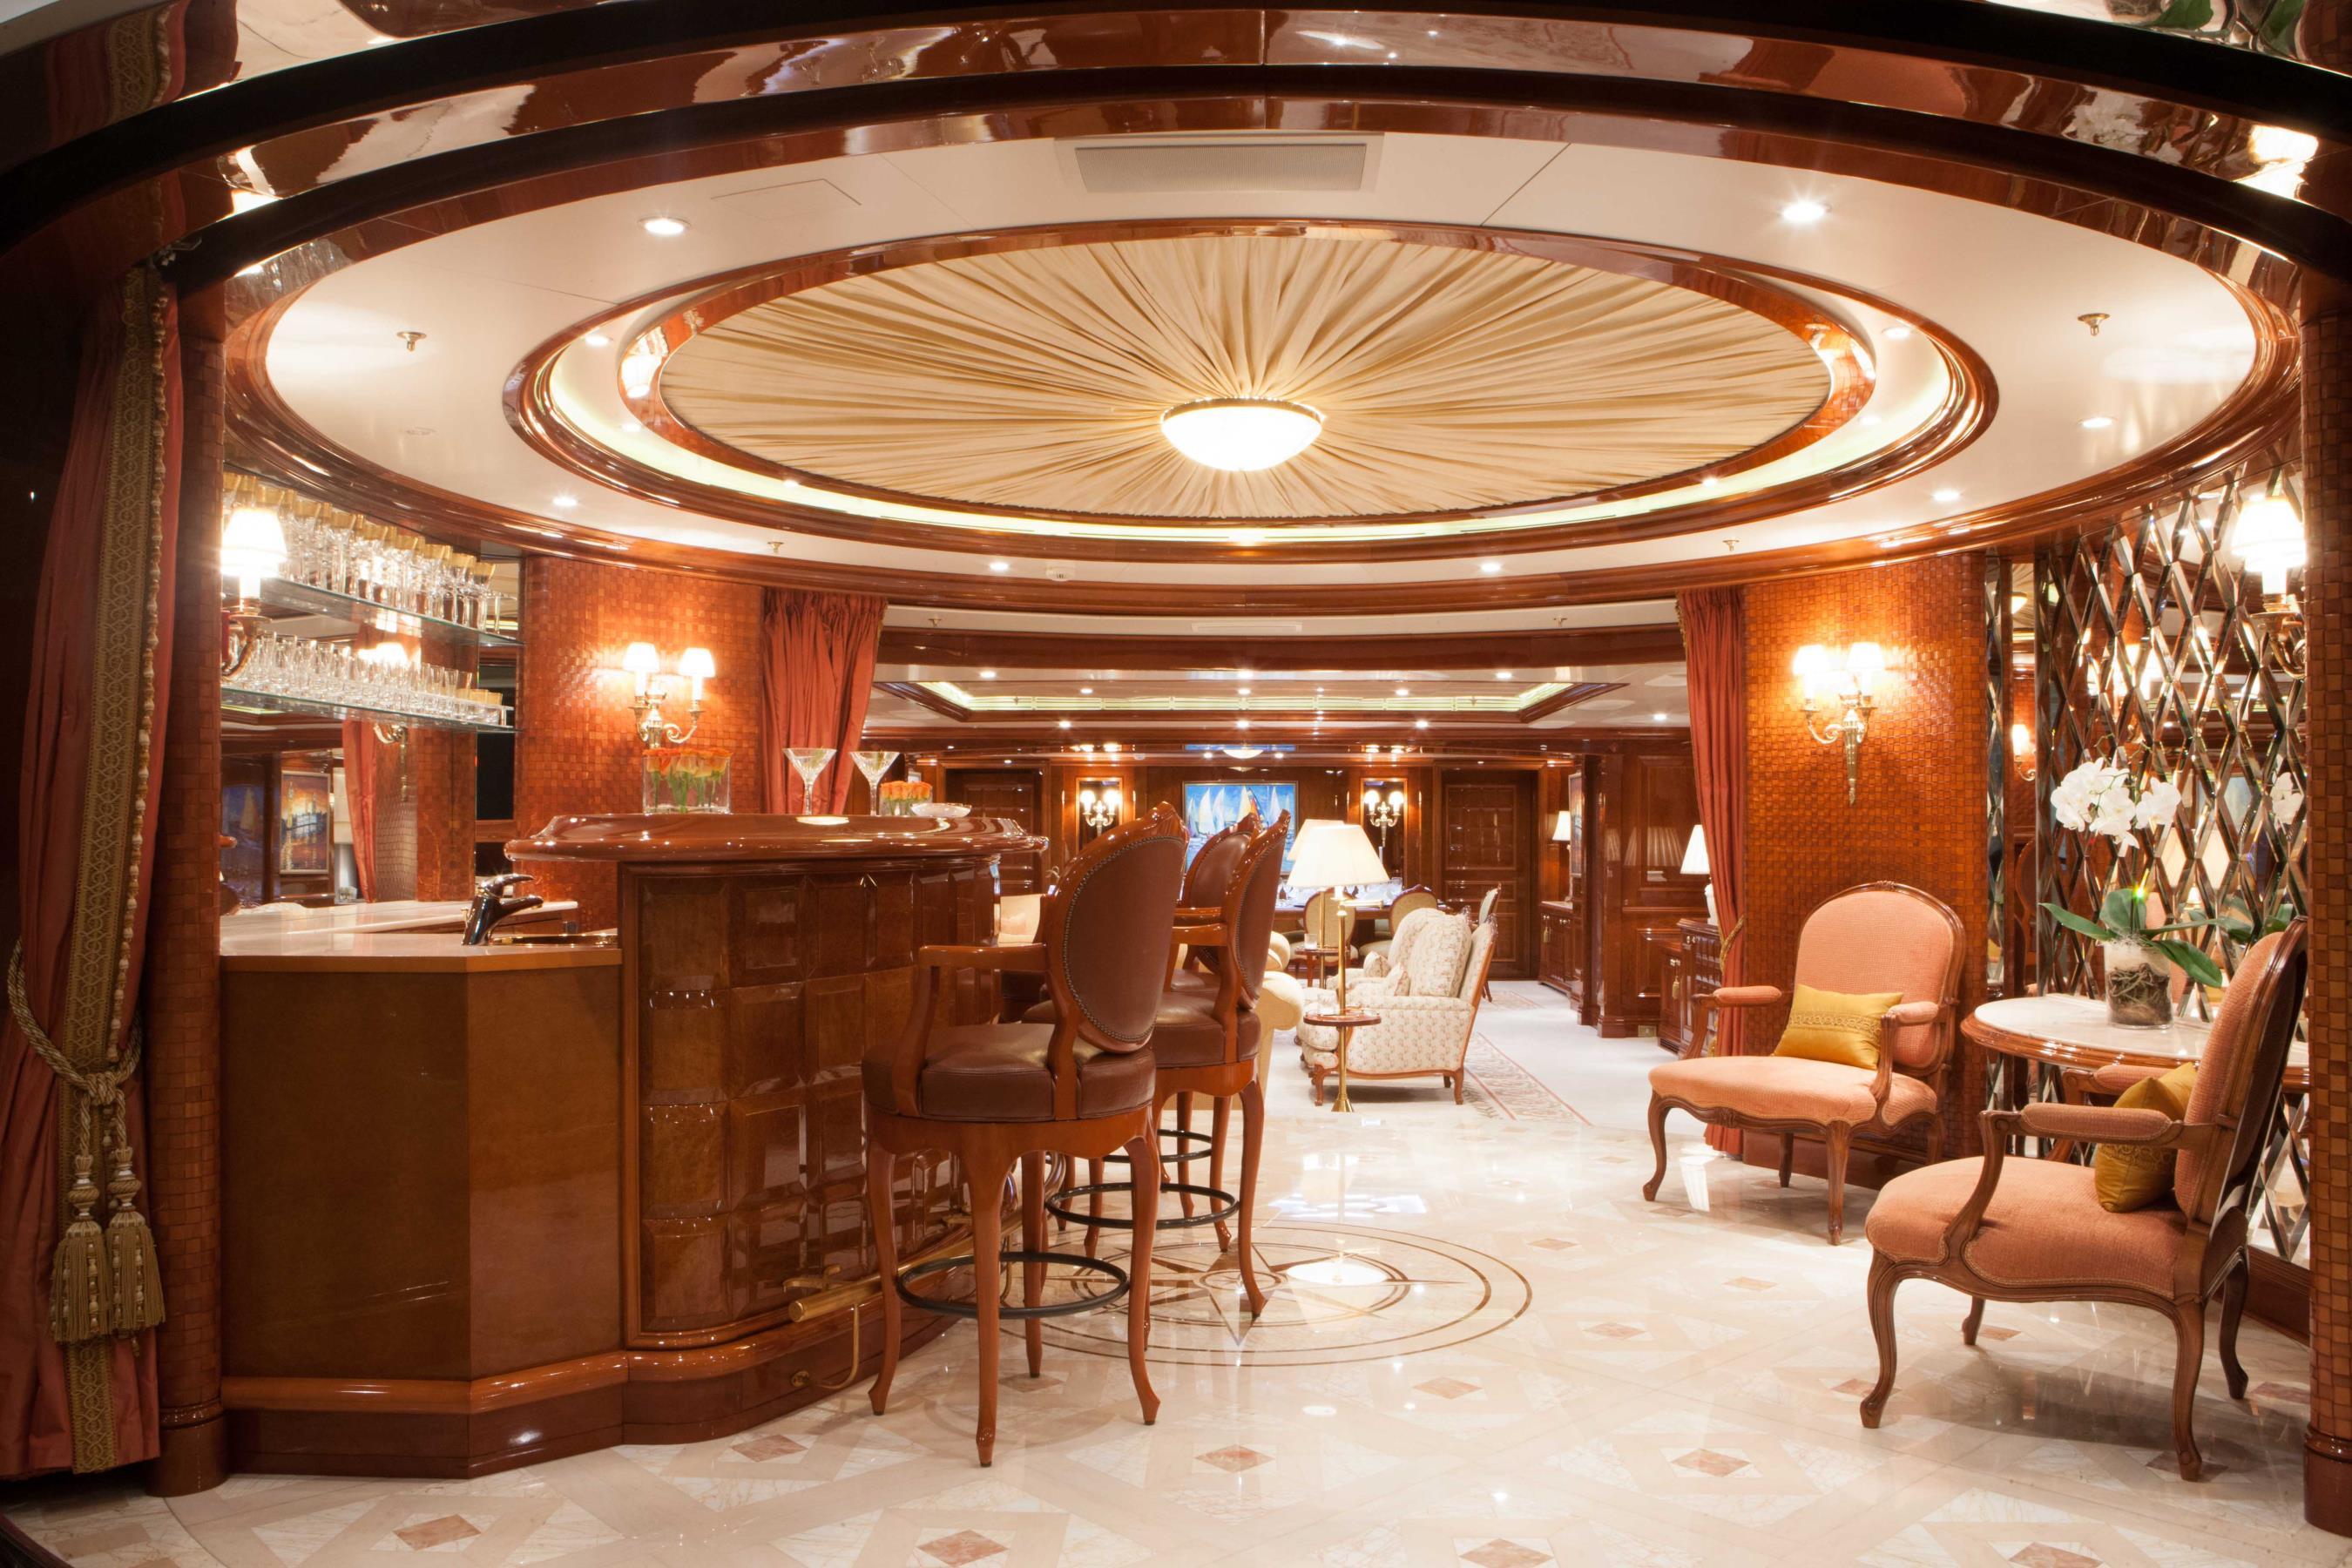 Charter Yacht ST DAVID -  Main Salon Entrance